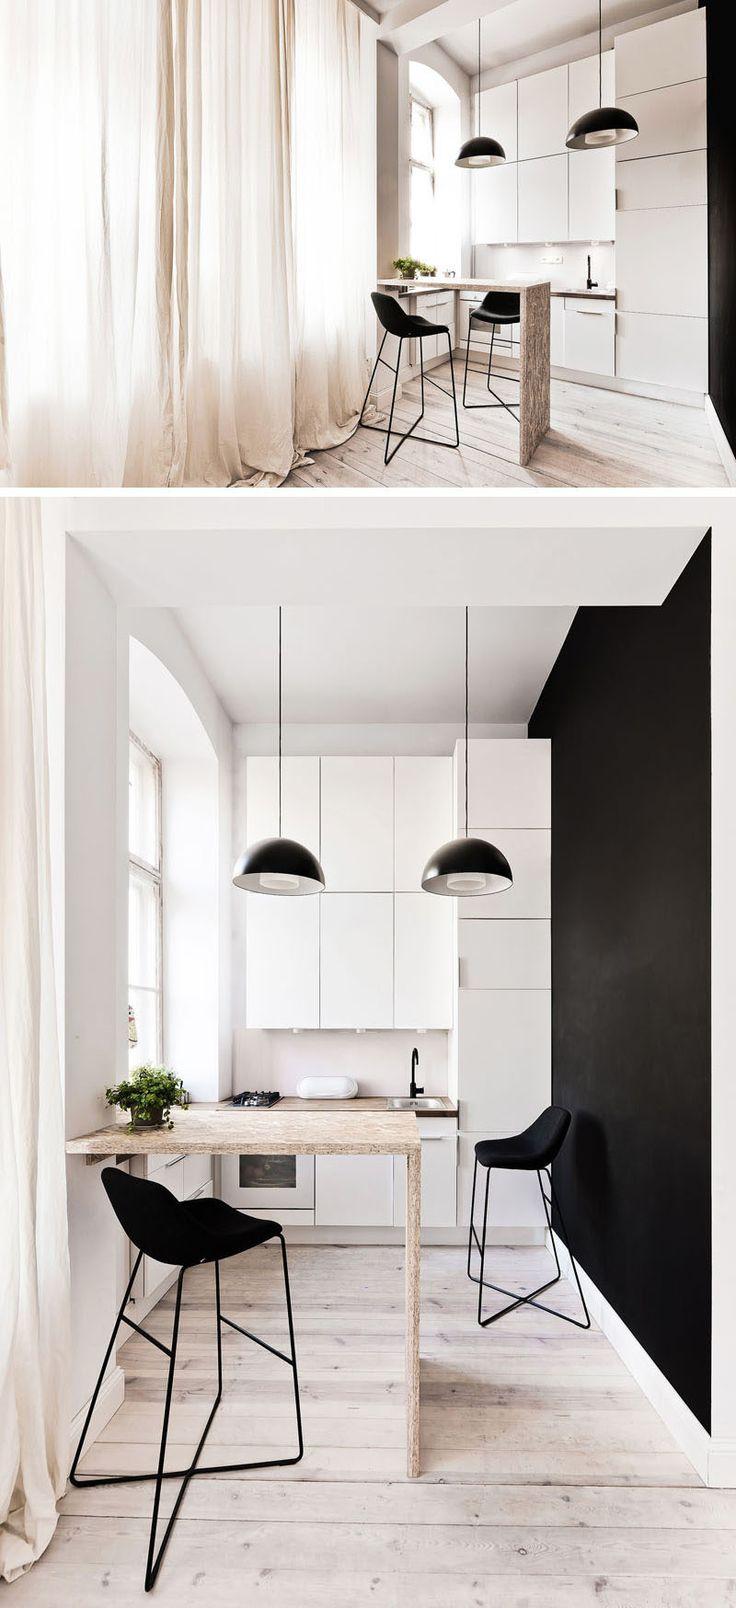 L formte modulare küche design katalog  best kitchen images on pinterest  kitchen designs kitchen ideas